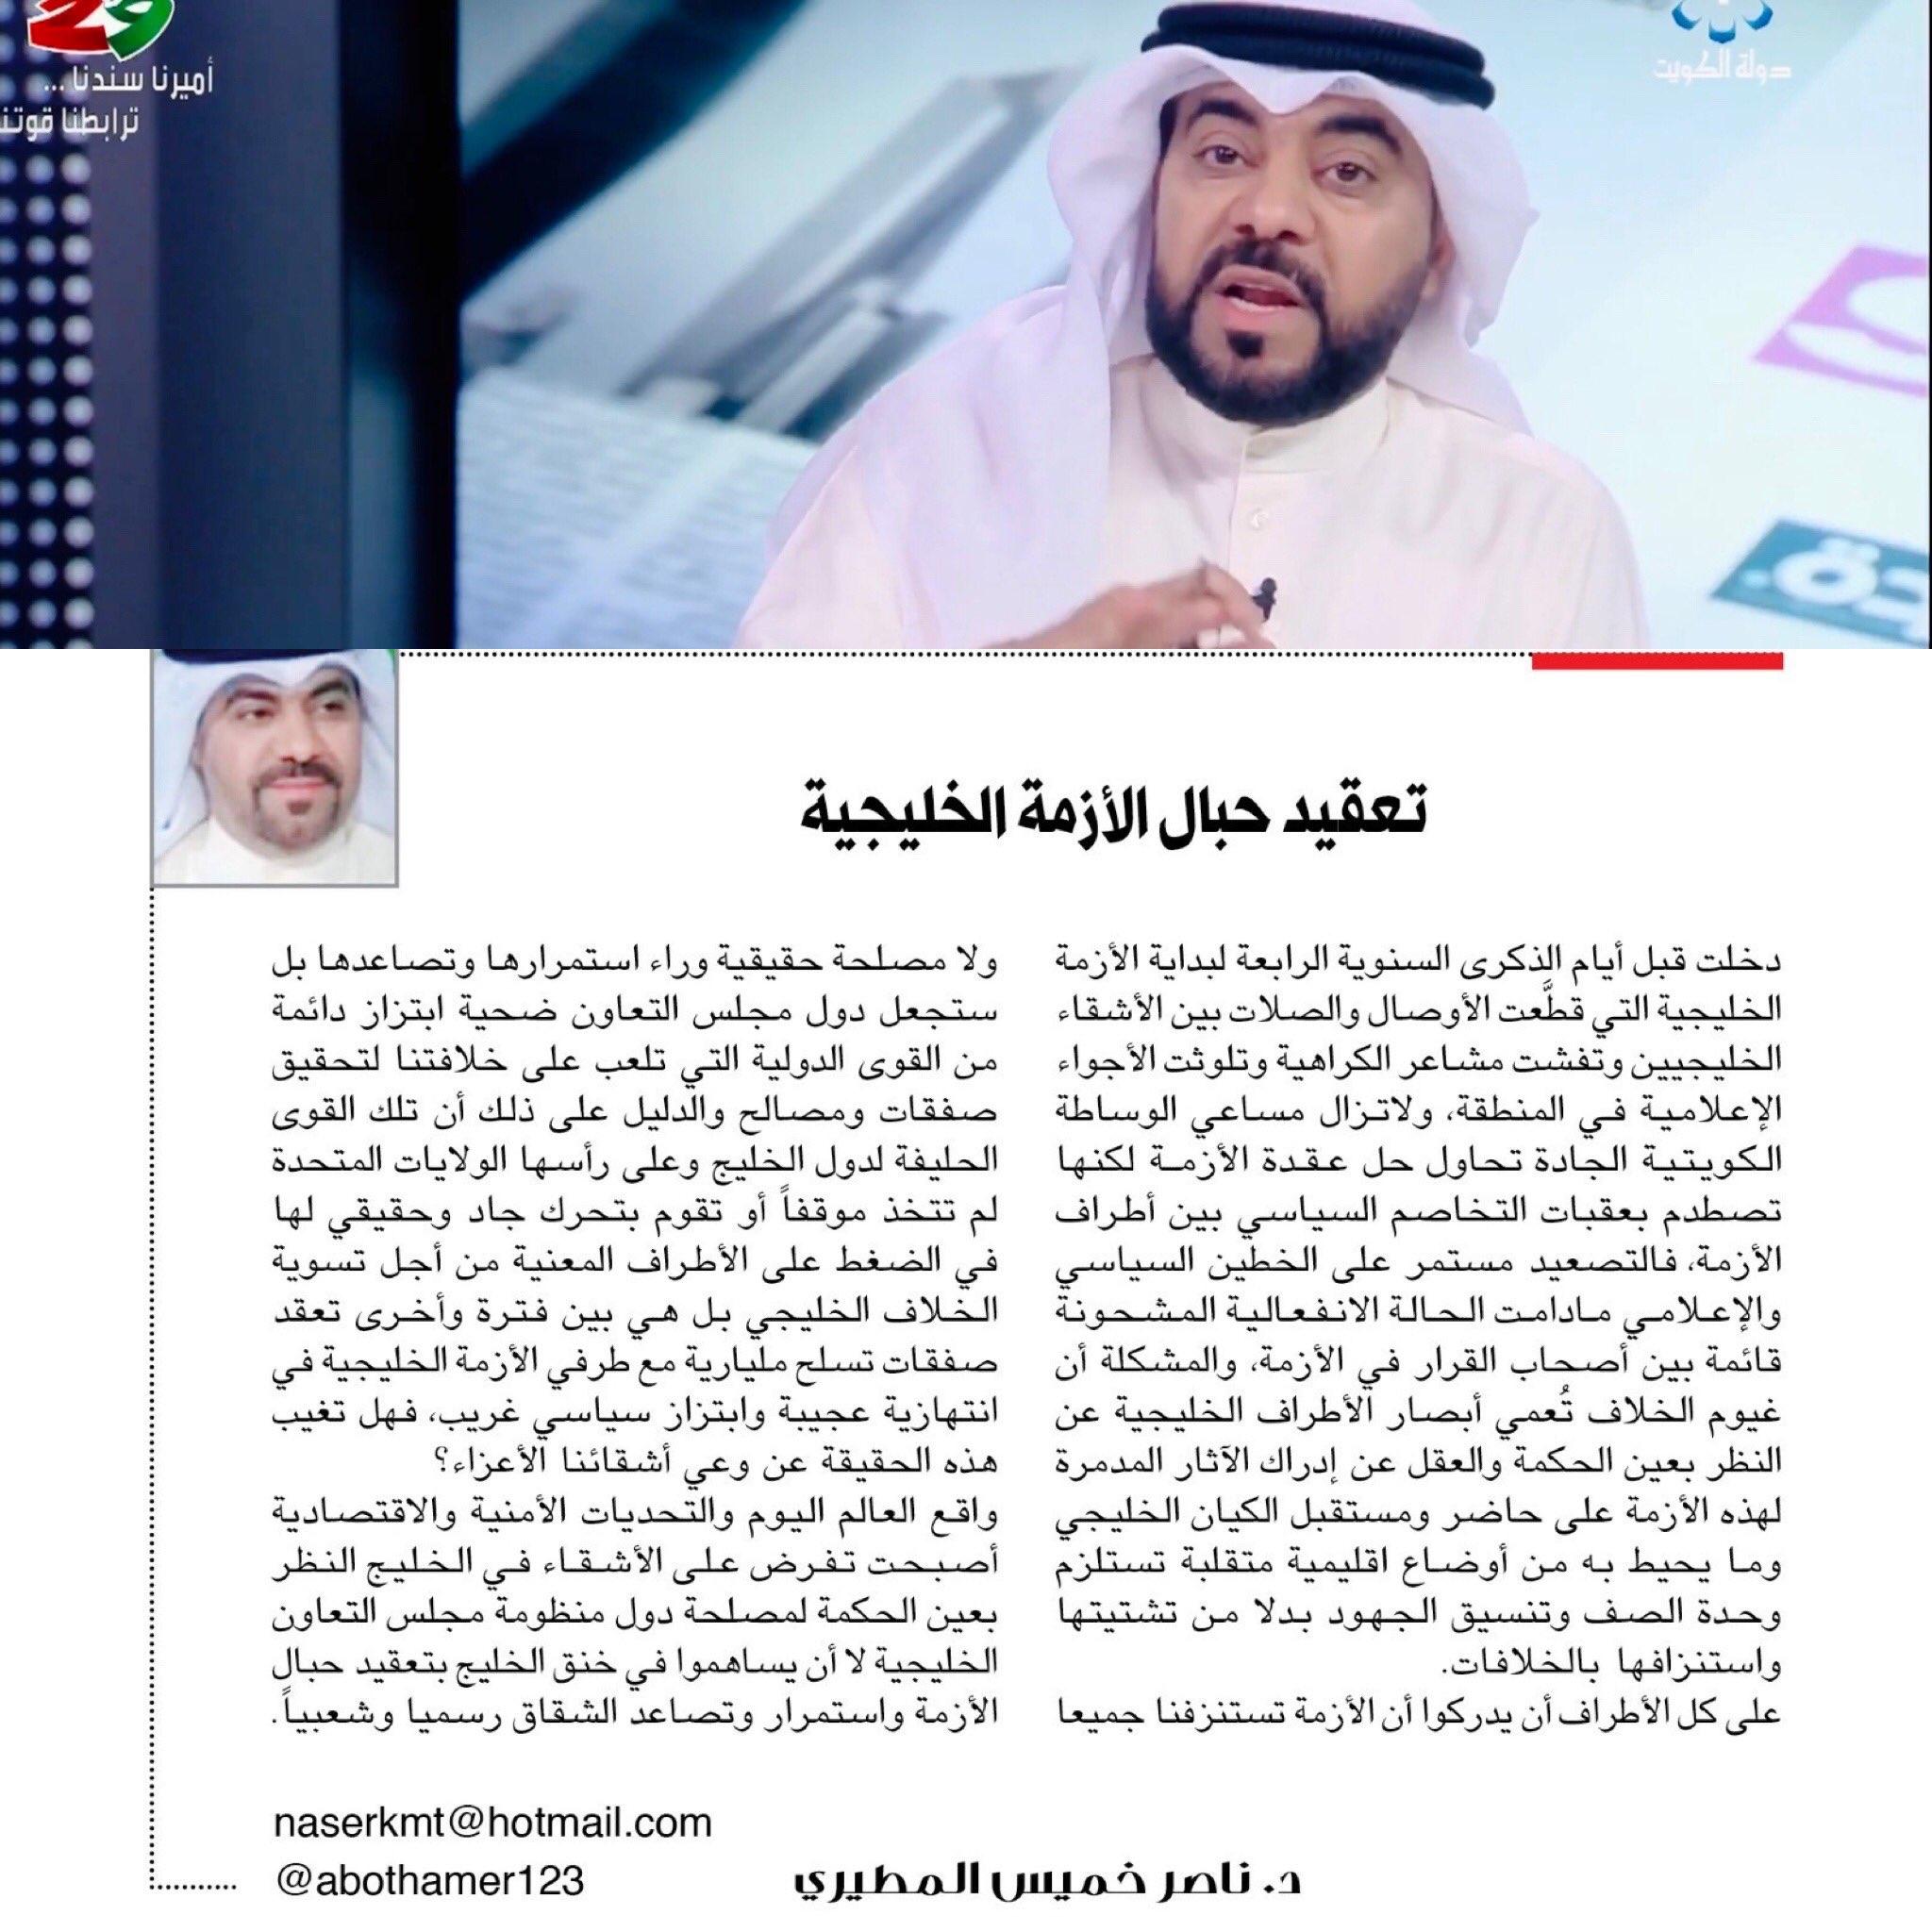 img 7509 - د. ناصر المطيري يكتب عن:  تعقيد حبال الأزمة الخليجية